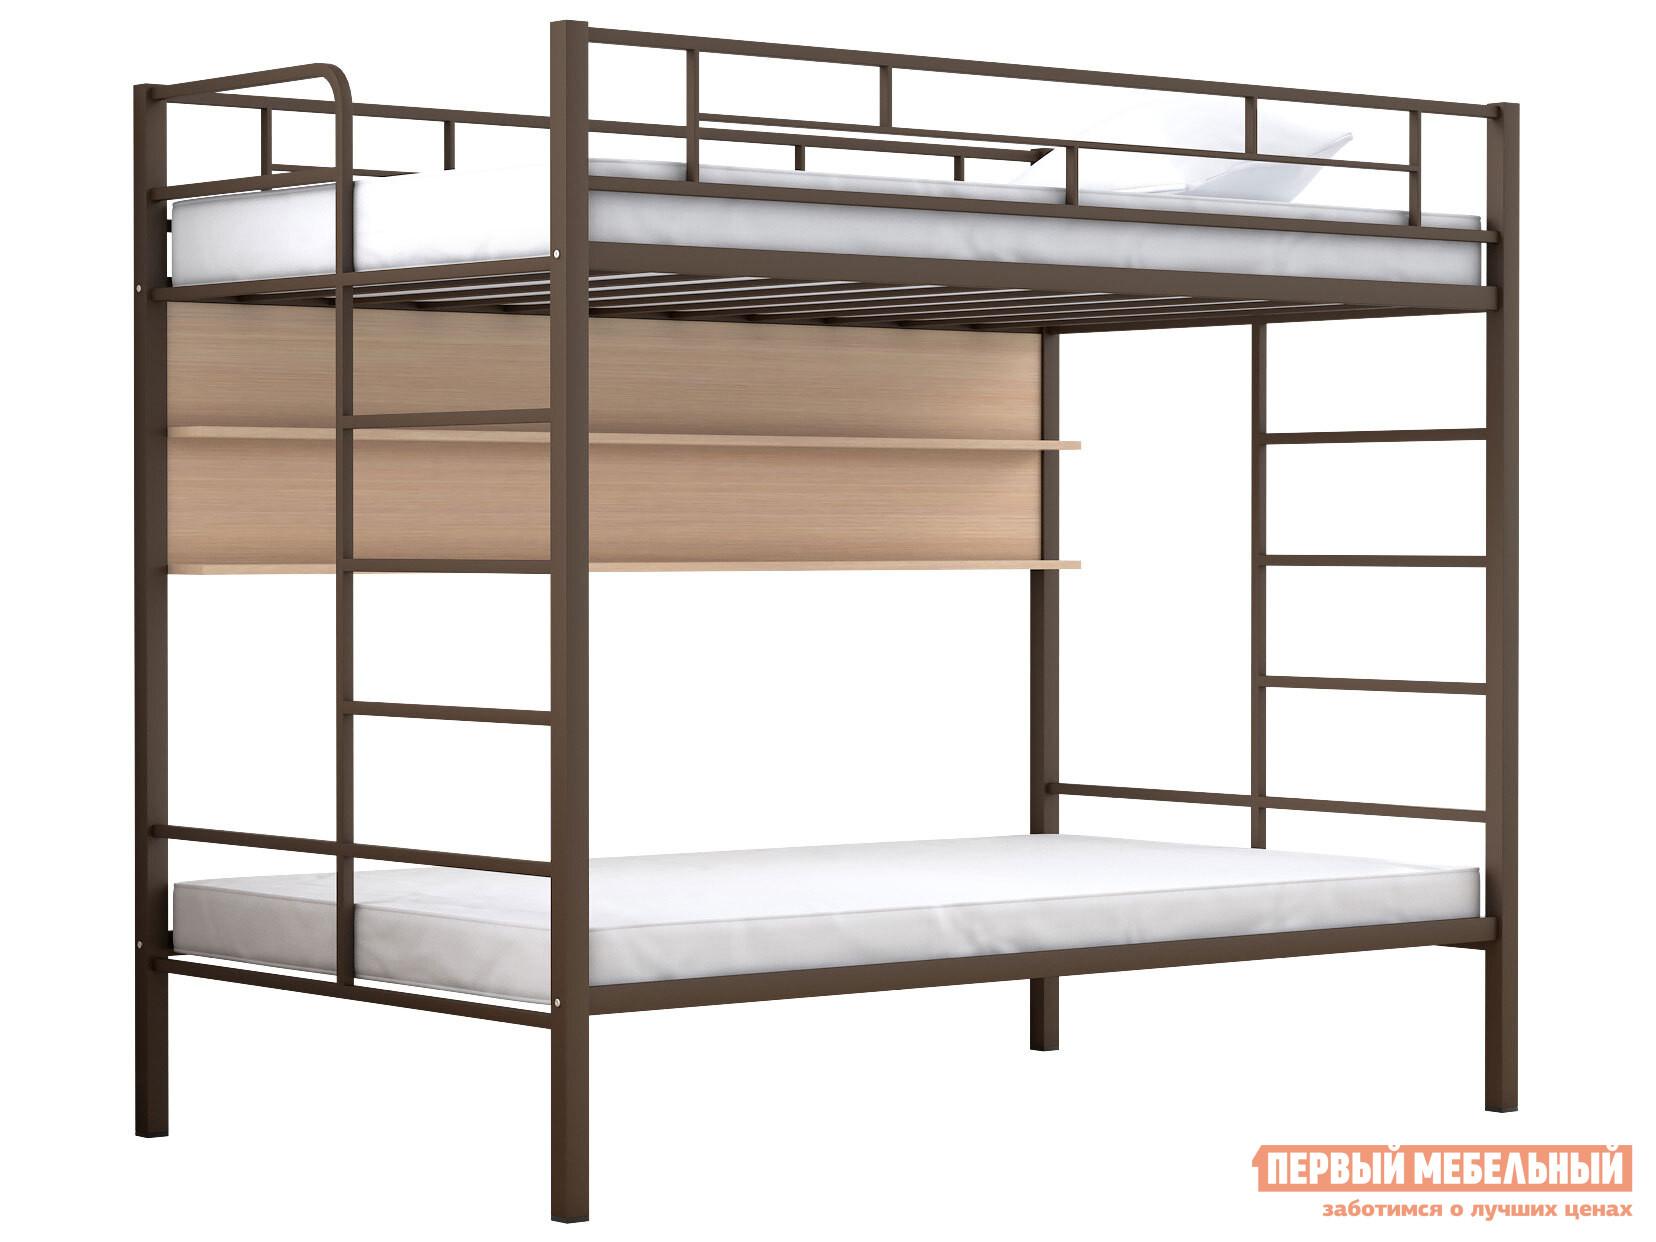 Двухъярусная кровать МФ 4 Сезона Двухъярусная детская кровать Валенсия 120 Твист Полка